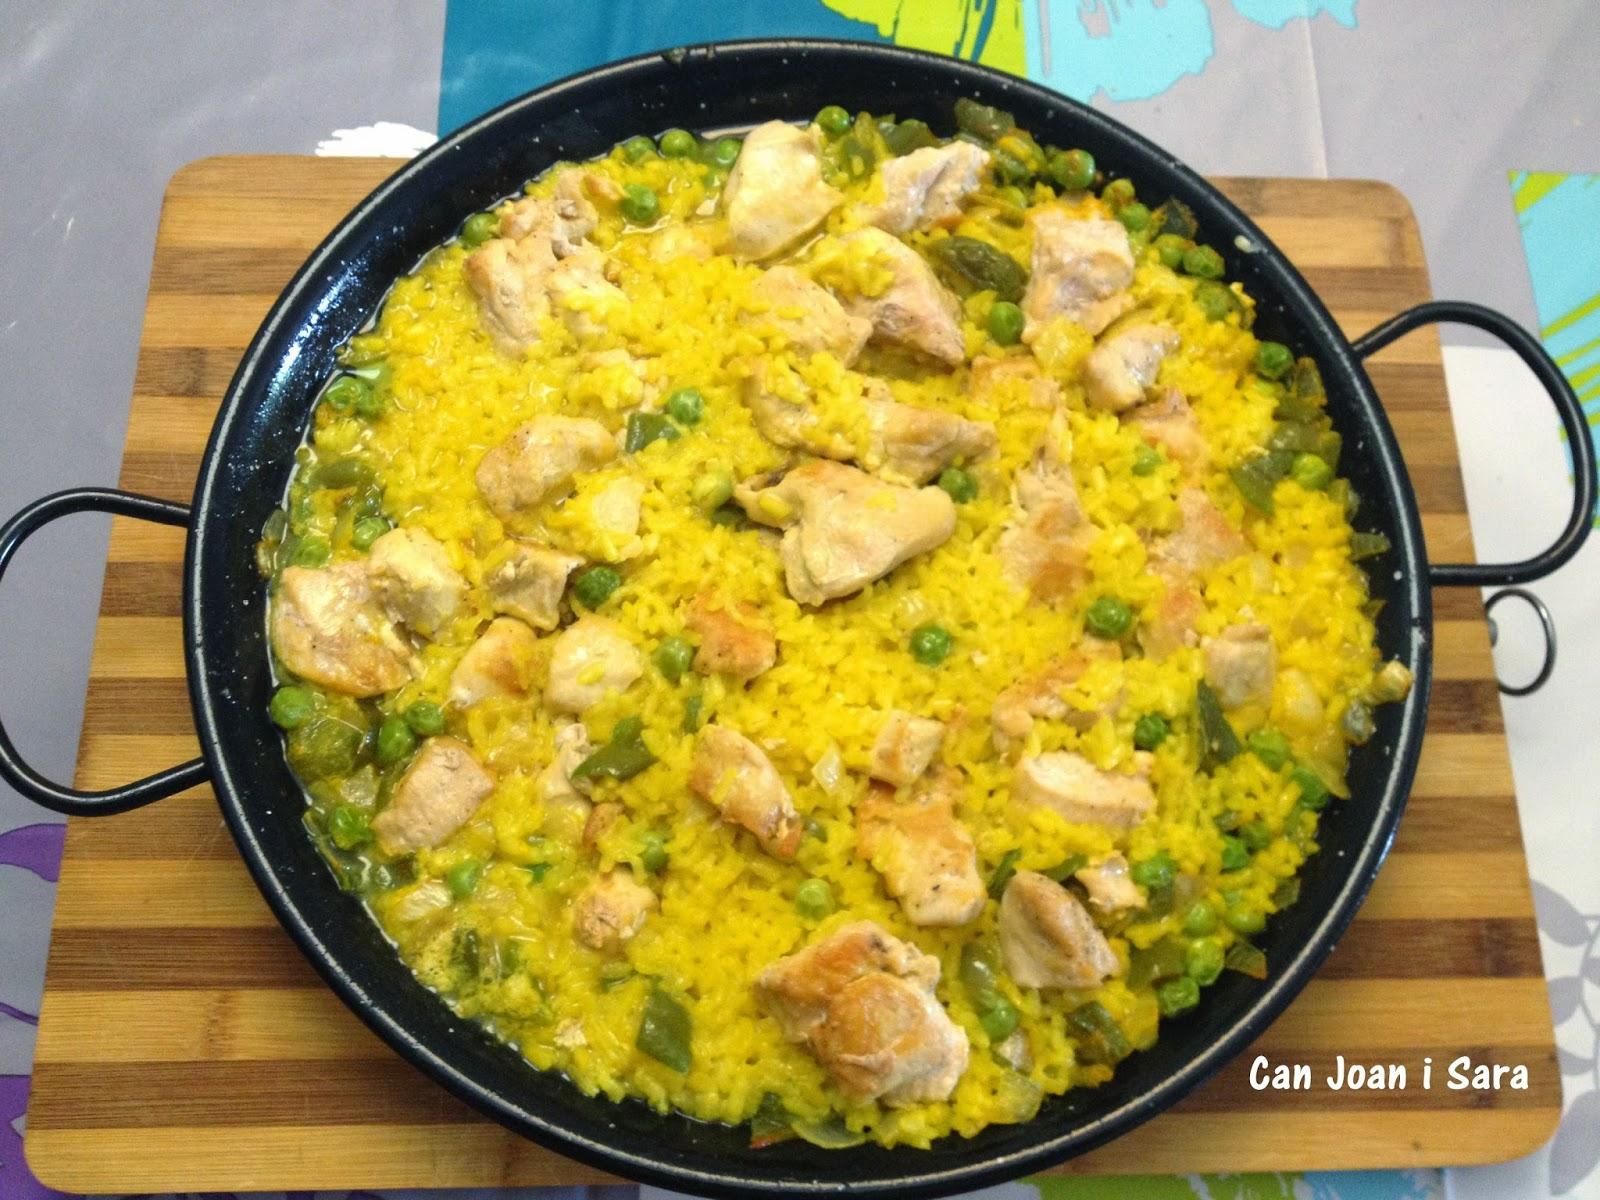 Arroz con pollo recetas de cocina - Cocina con sara paella ...